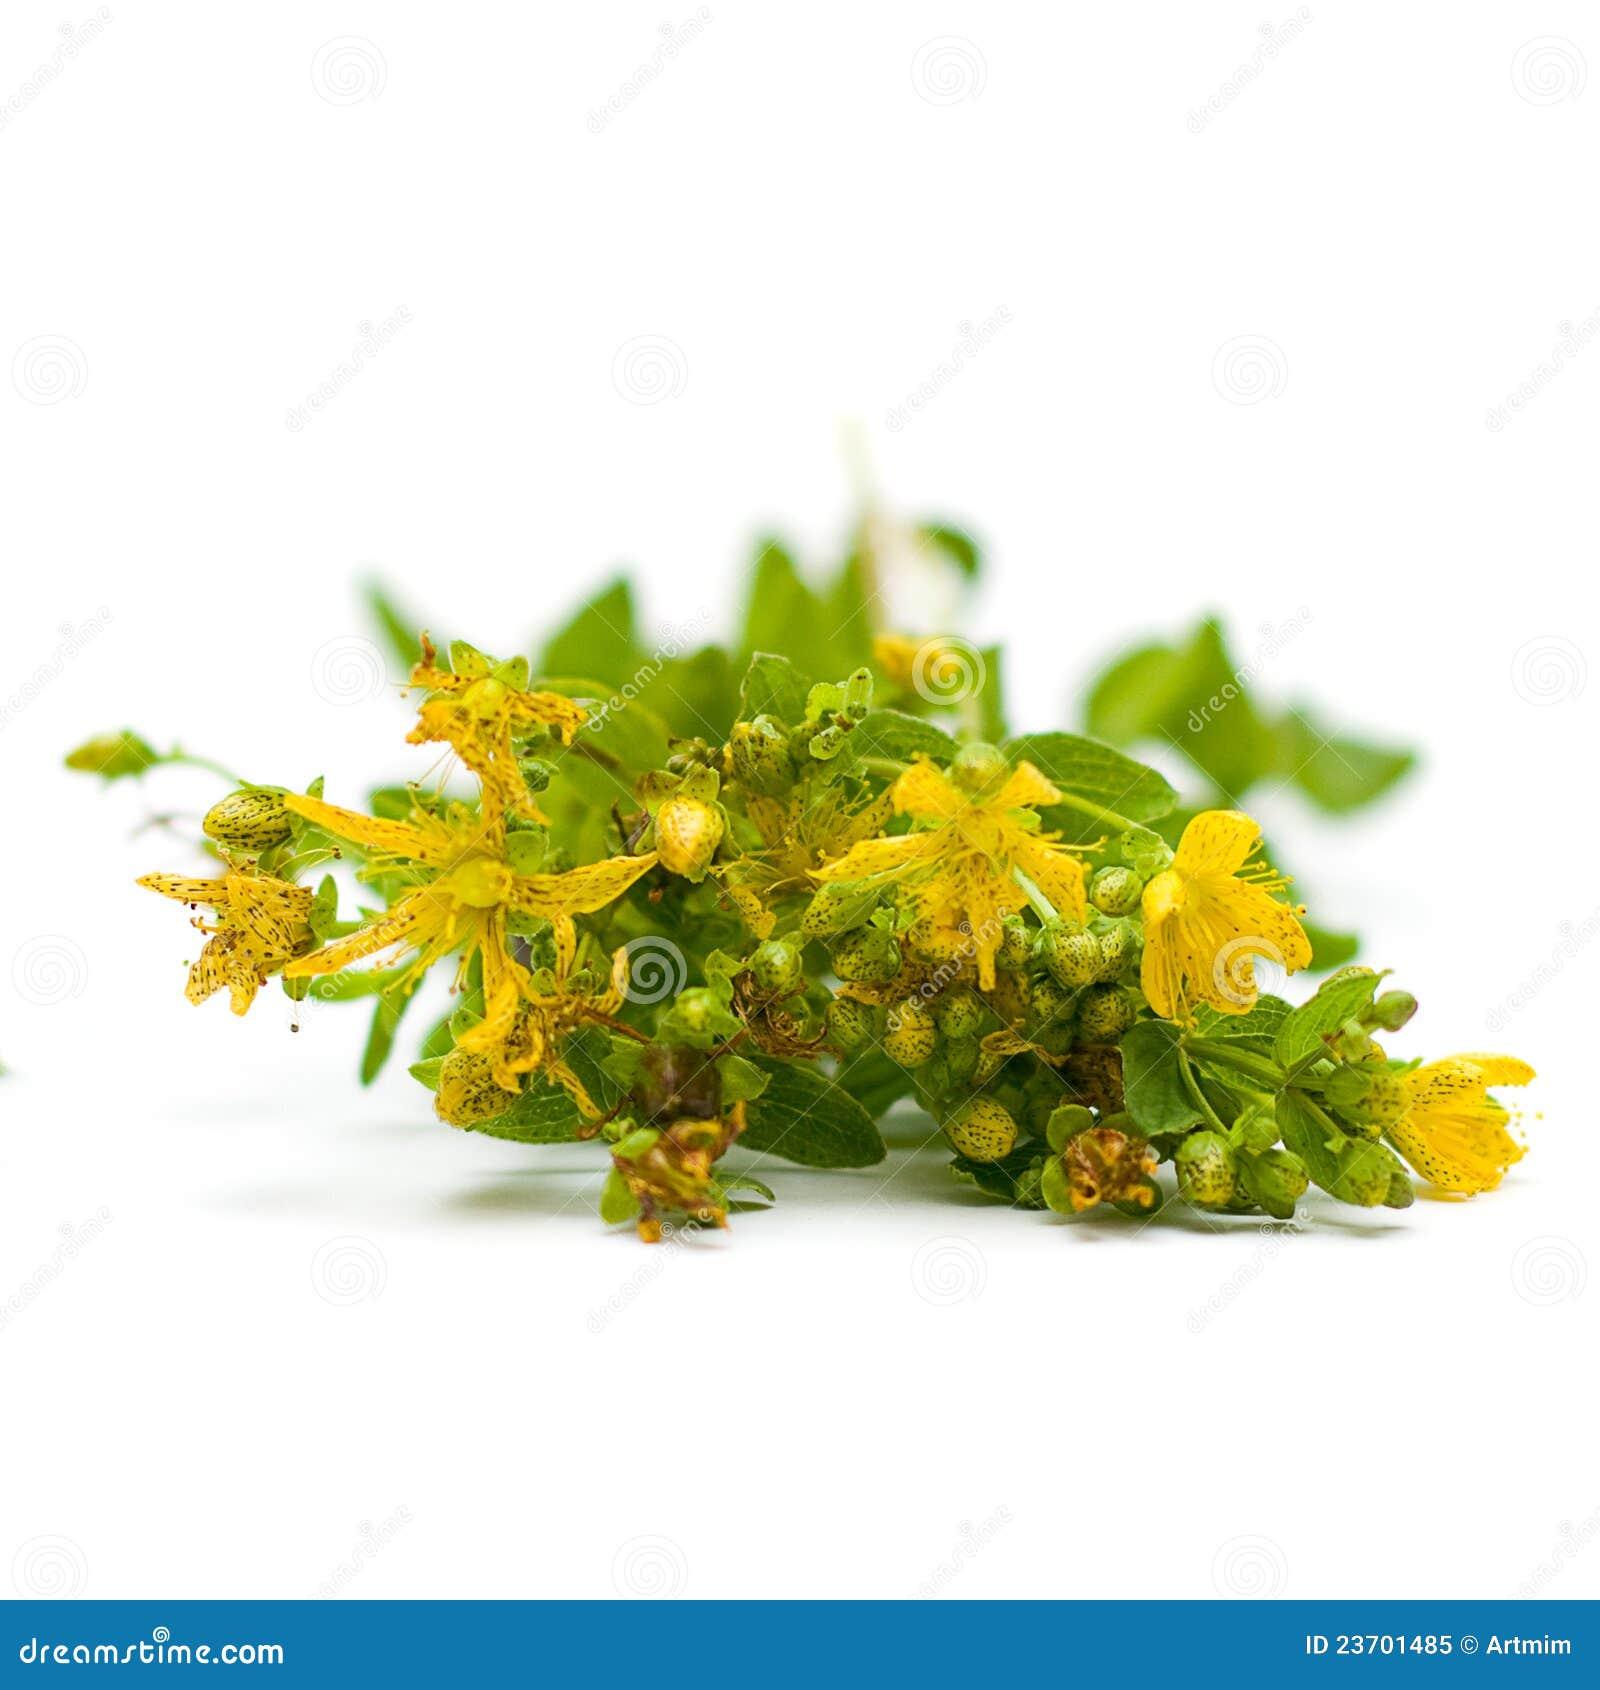 Tutsan (Santo-Juan-mosto), hierbas medicinales